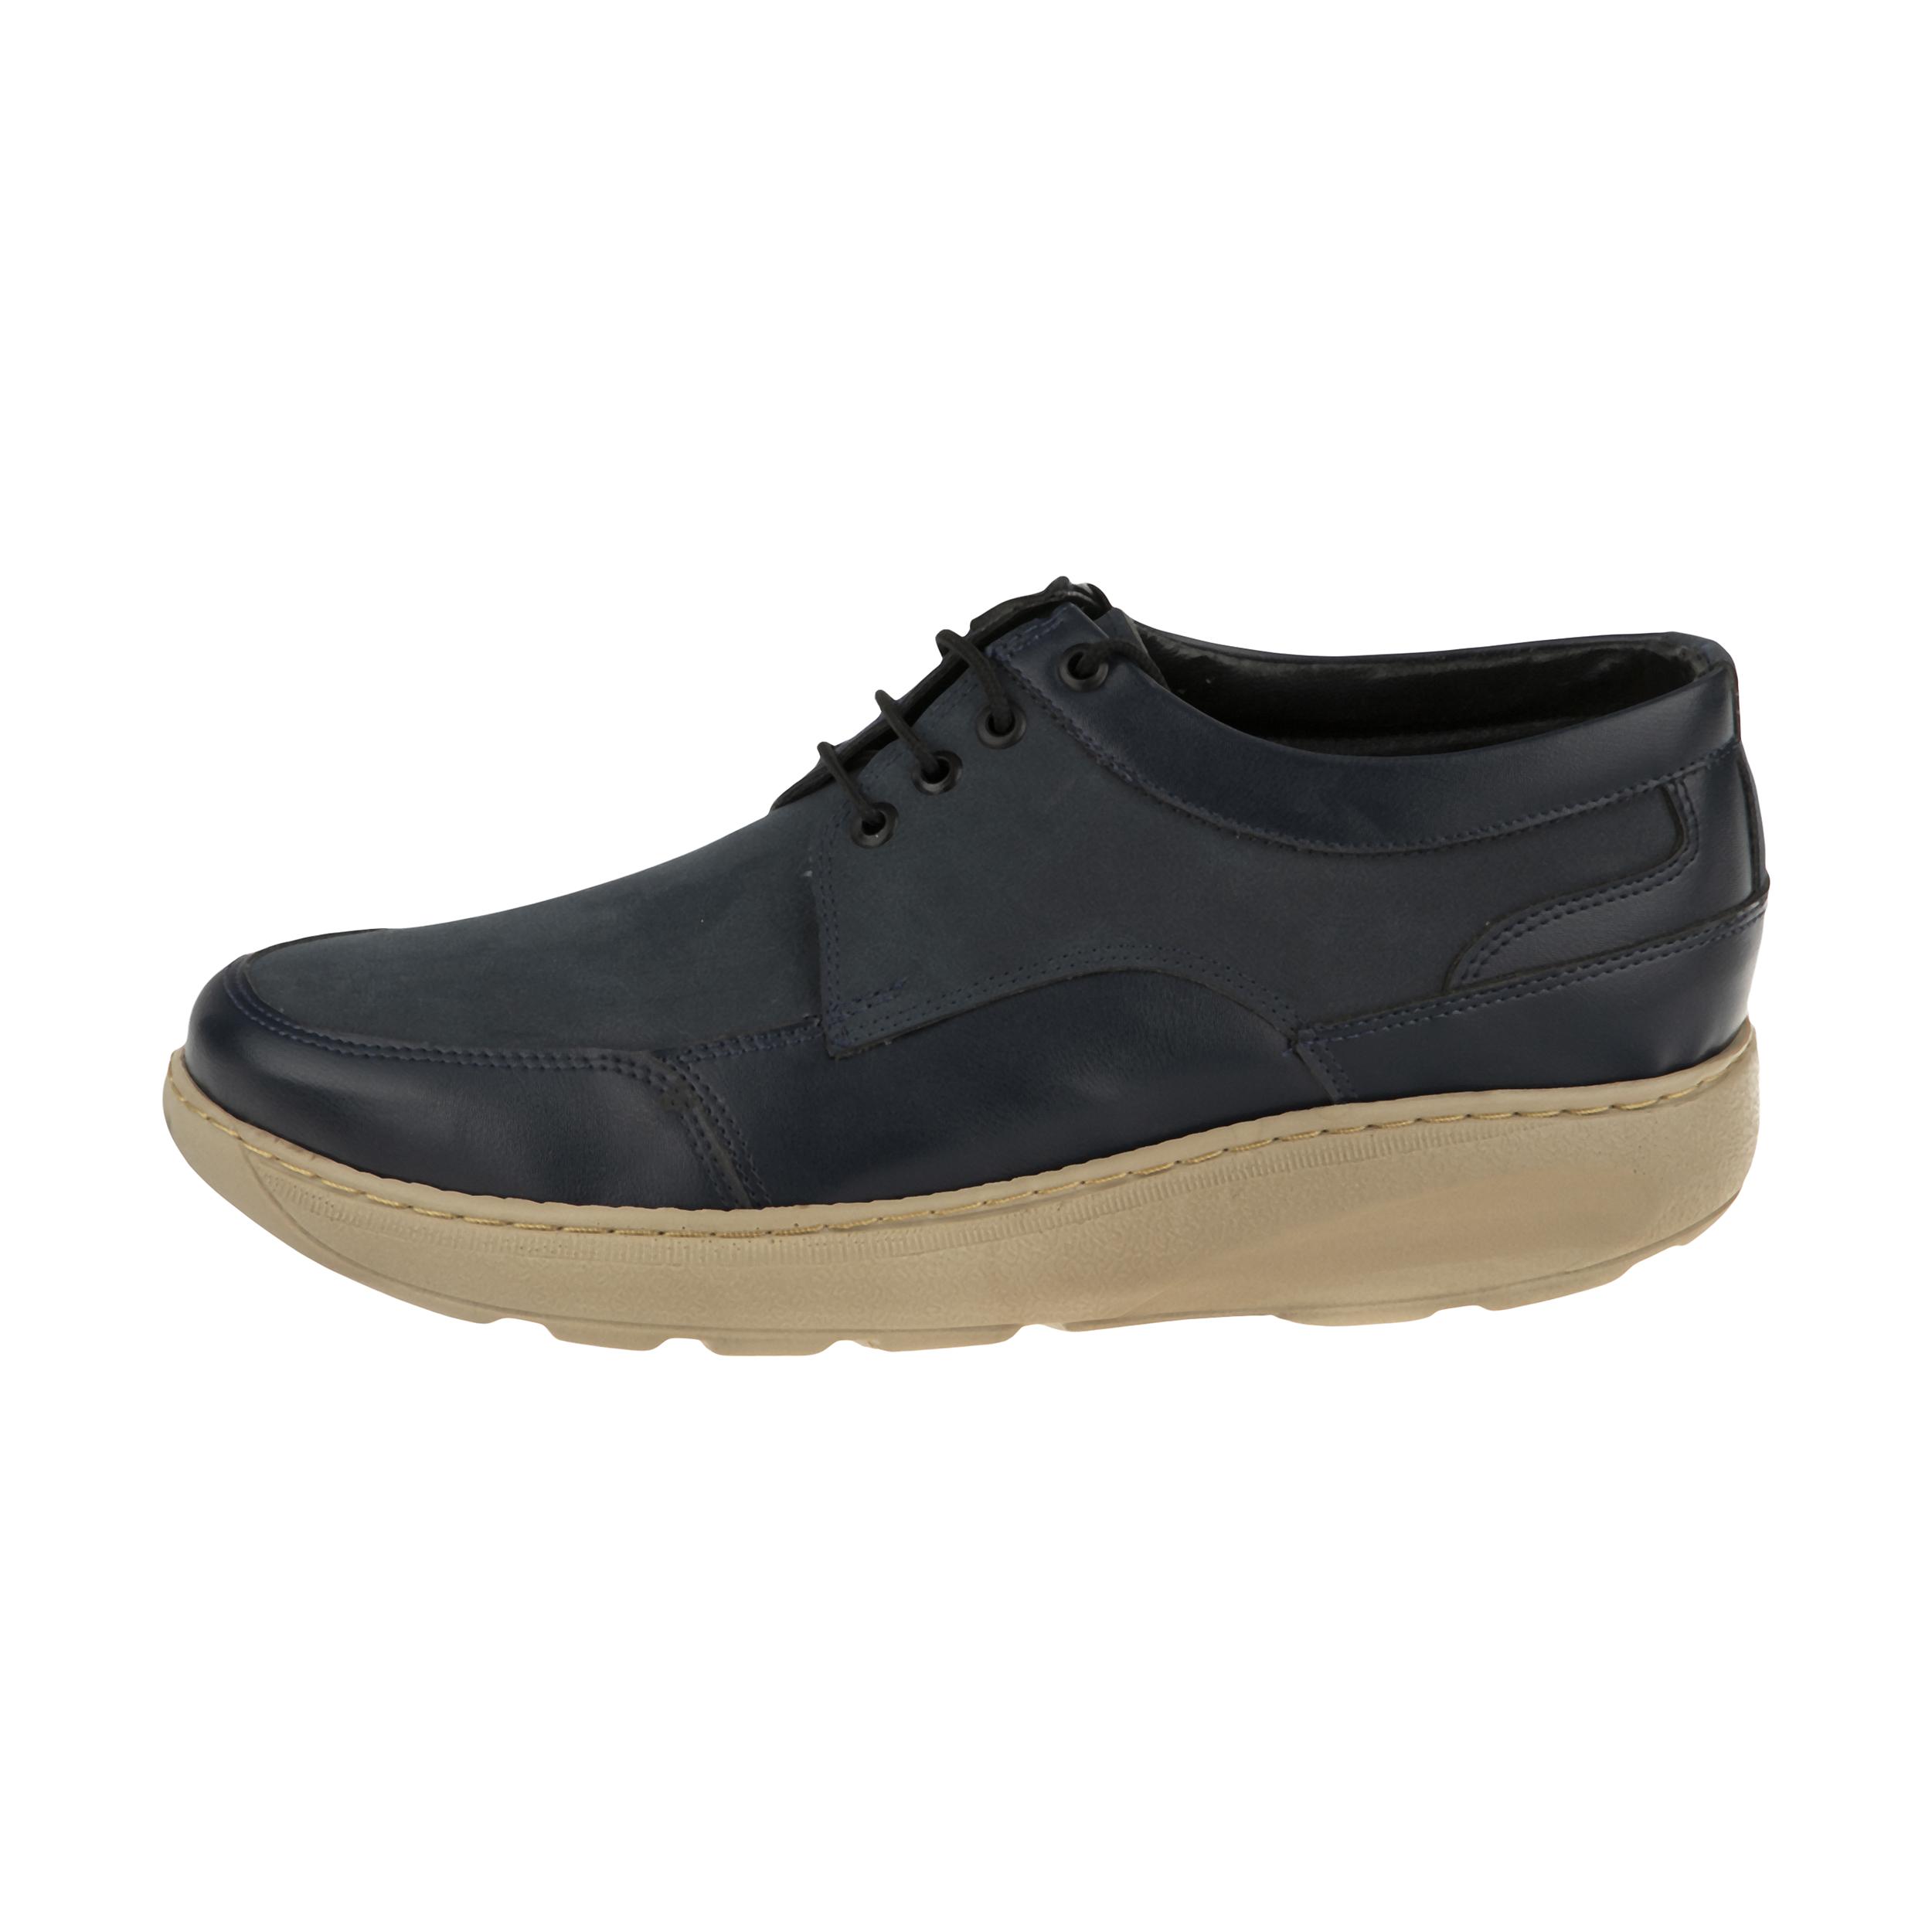 کفش روزمره مردانه اسپرت من مدل 39922-13